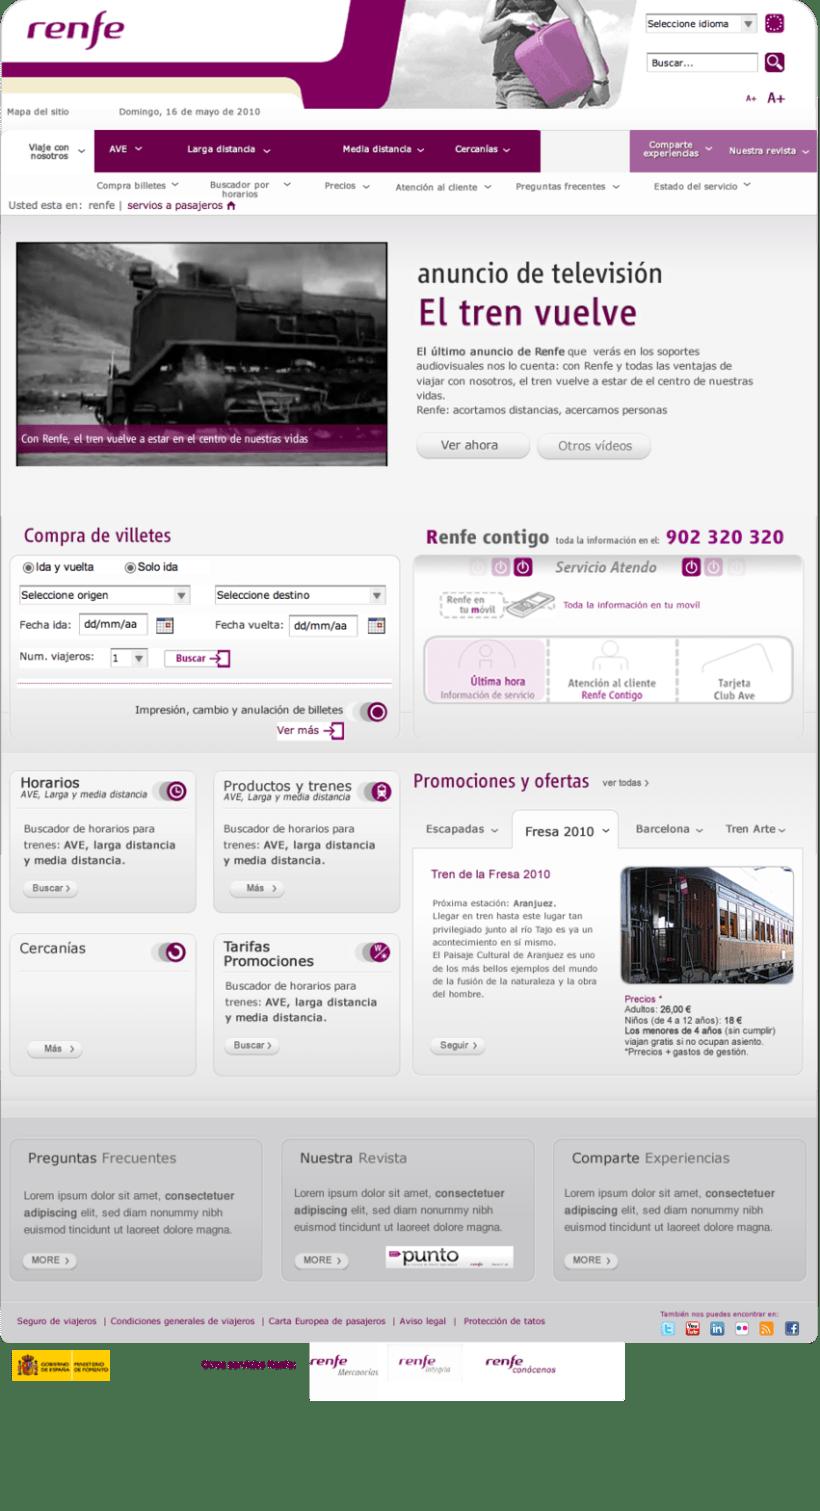 Arquitectura de la información y usabilidad. Estudio Web Renfe 2